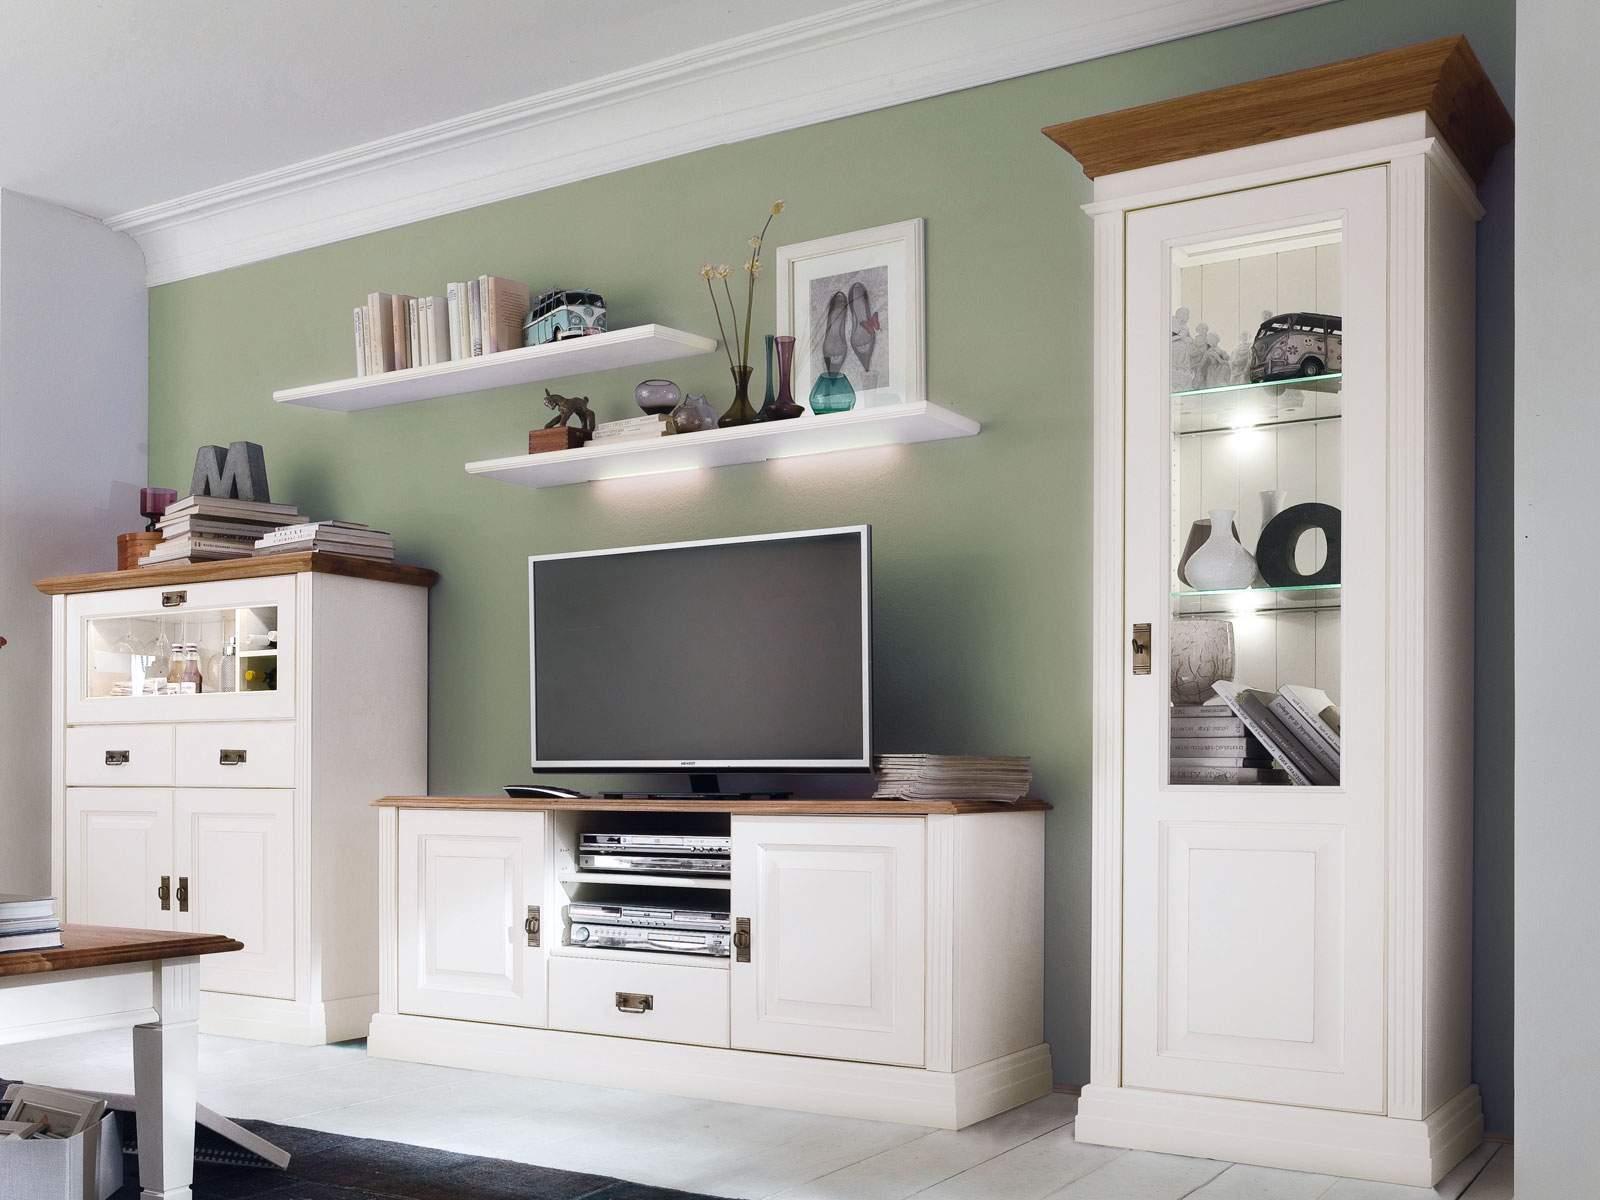 Full Size of Wohnzimmerschränke Ikea Wohnzimmerschrank Grau Holz Schrnke Wohnzimmer Nussbaum Miniküche Küche Kaufen Betten 160x200 Sofa Mit Schlaffunktion Kosten Bei Wohnzimmer Wohnzimmerschränke Ikea